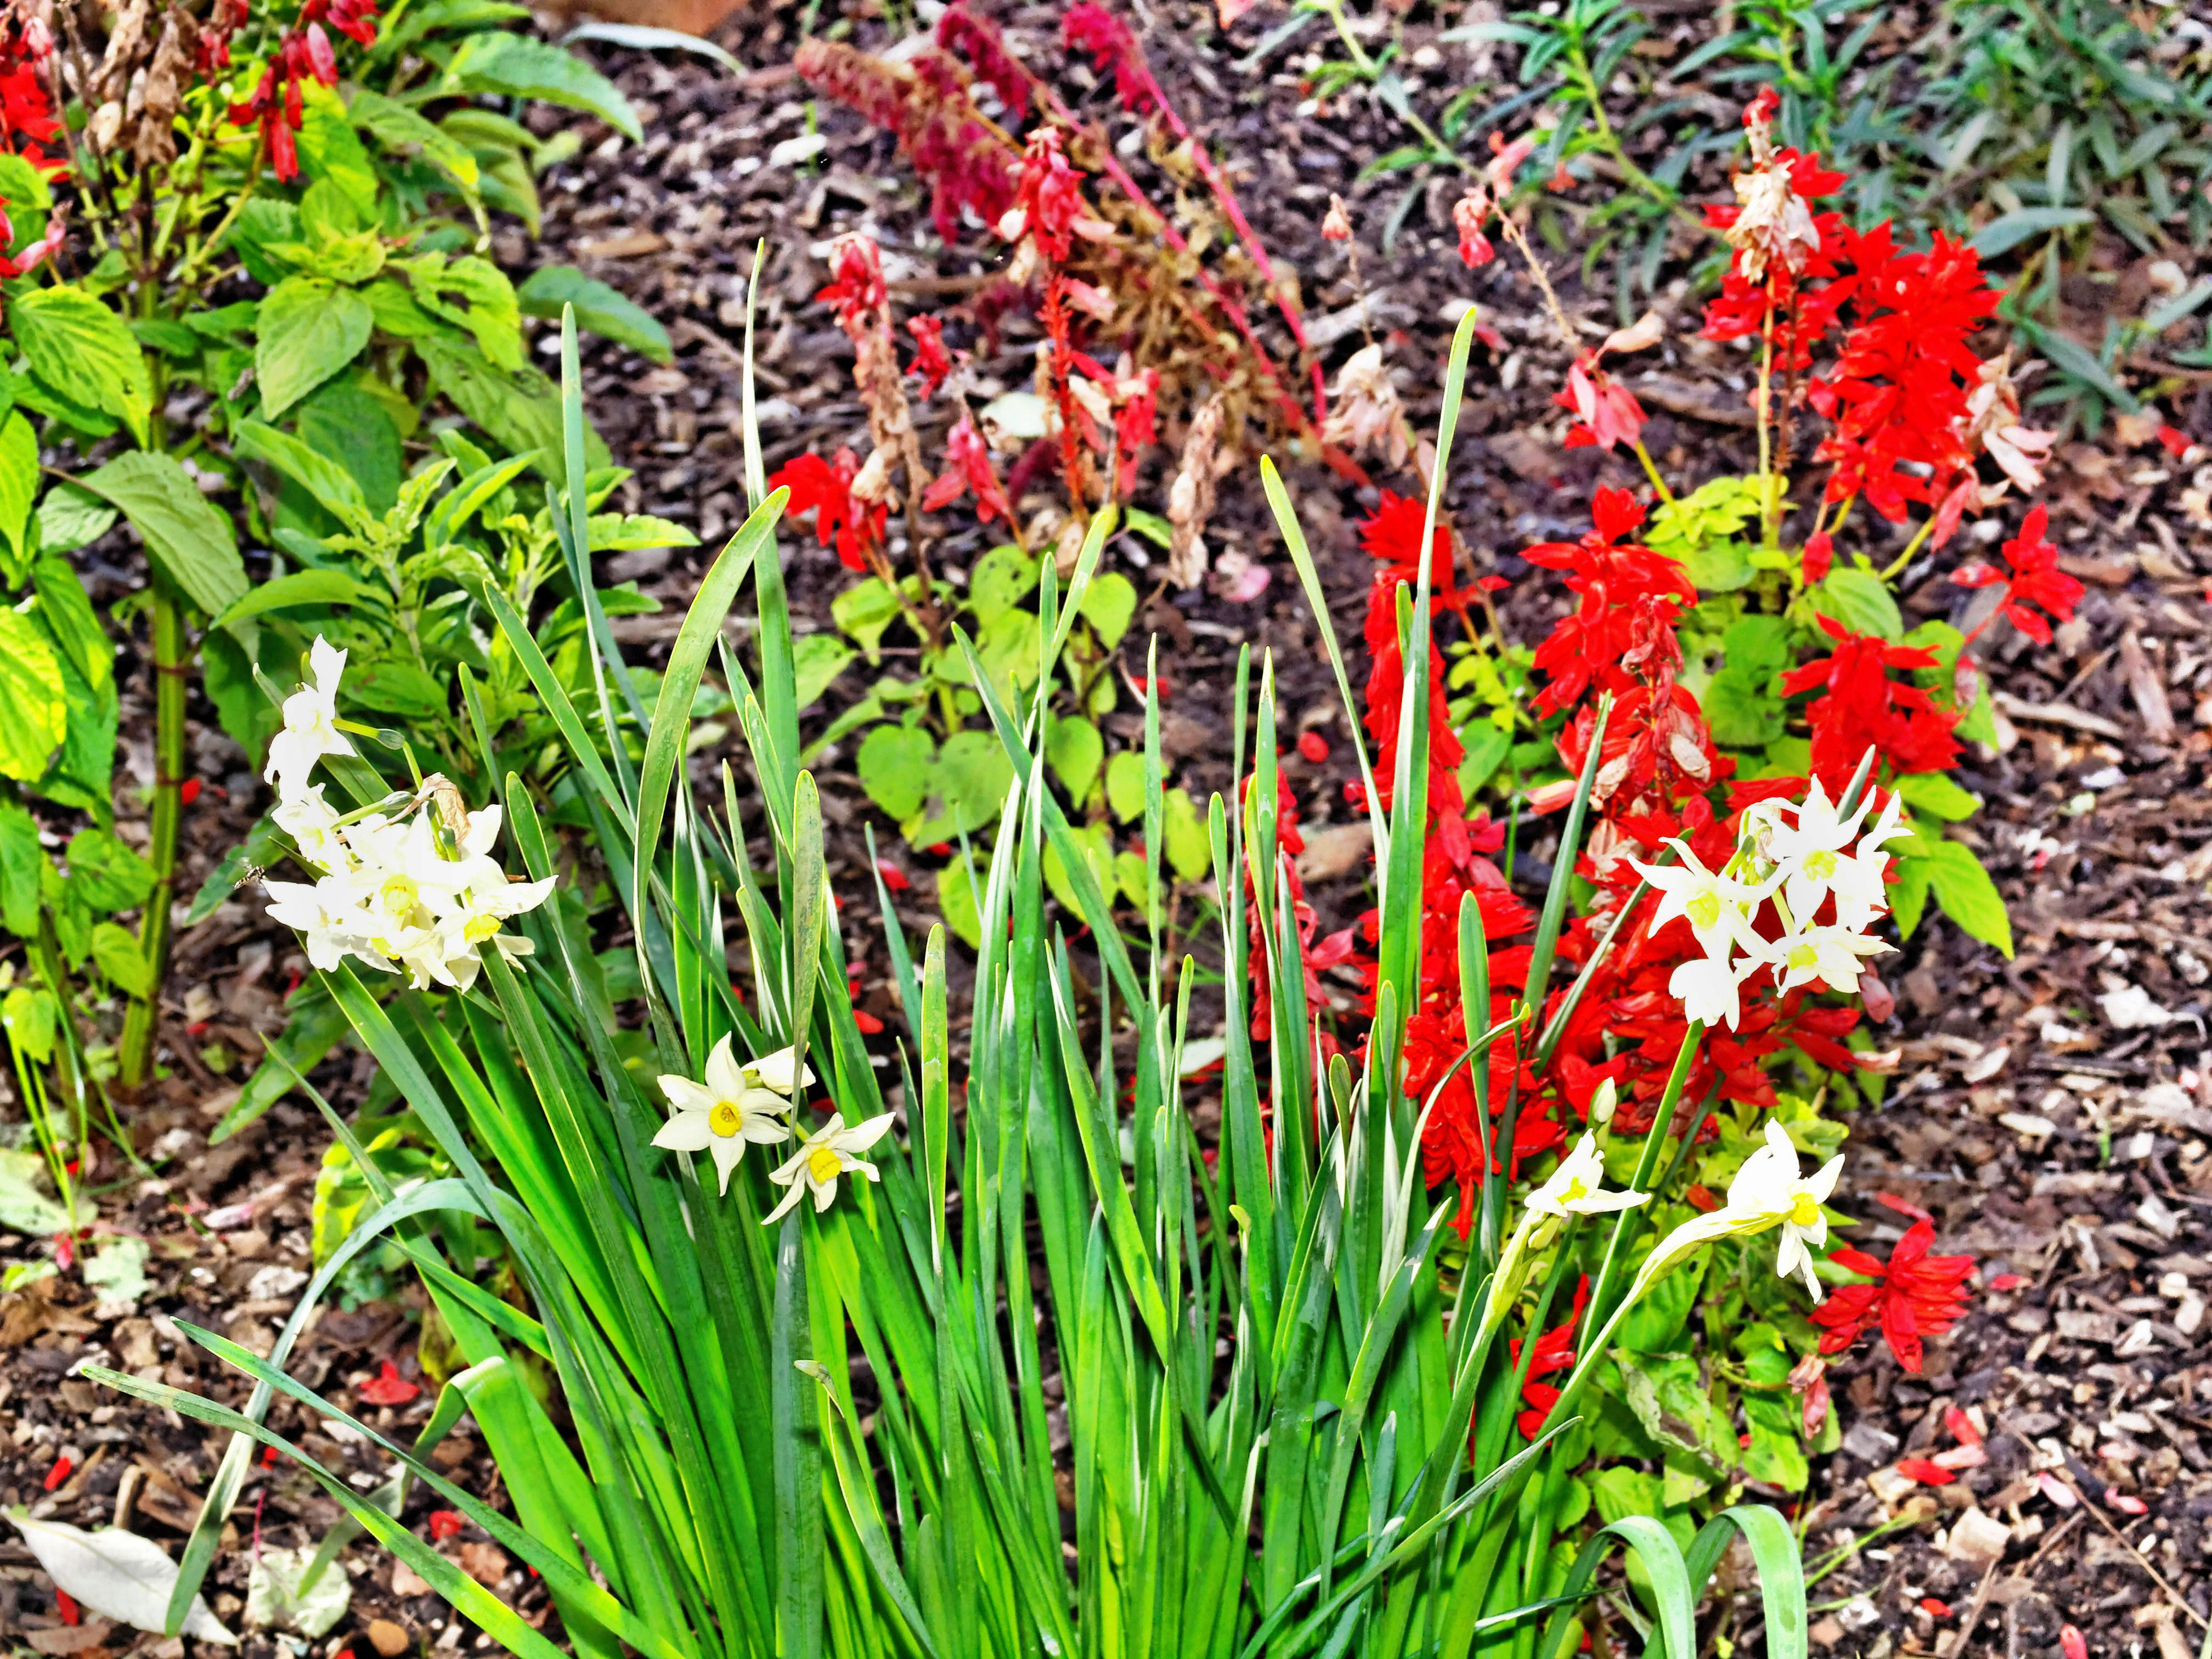 Salvia-narcissus-1.jpeg